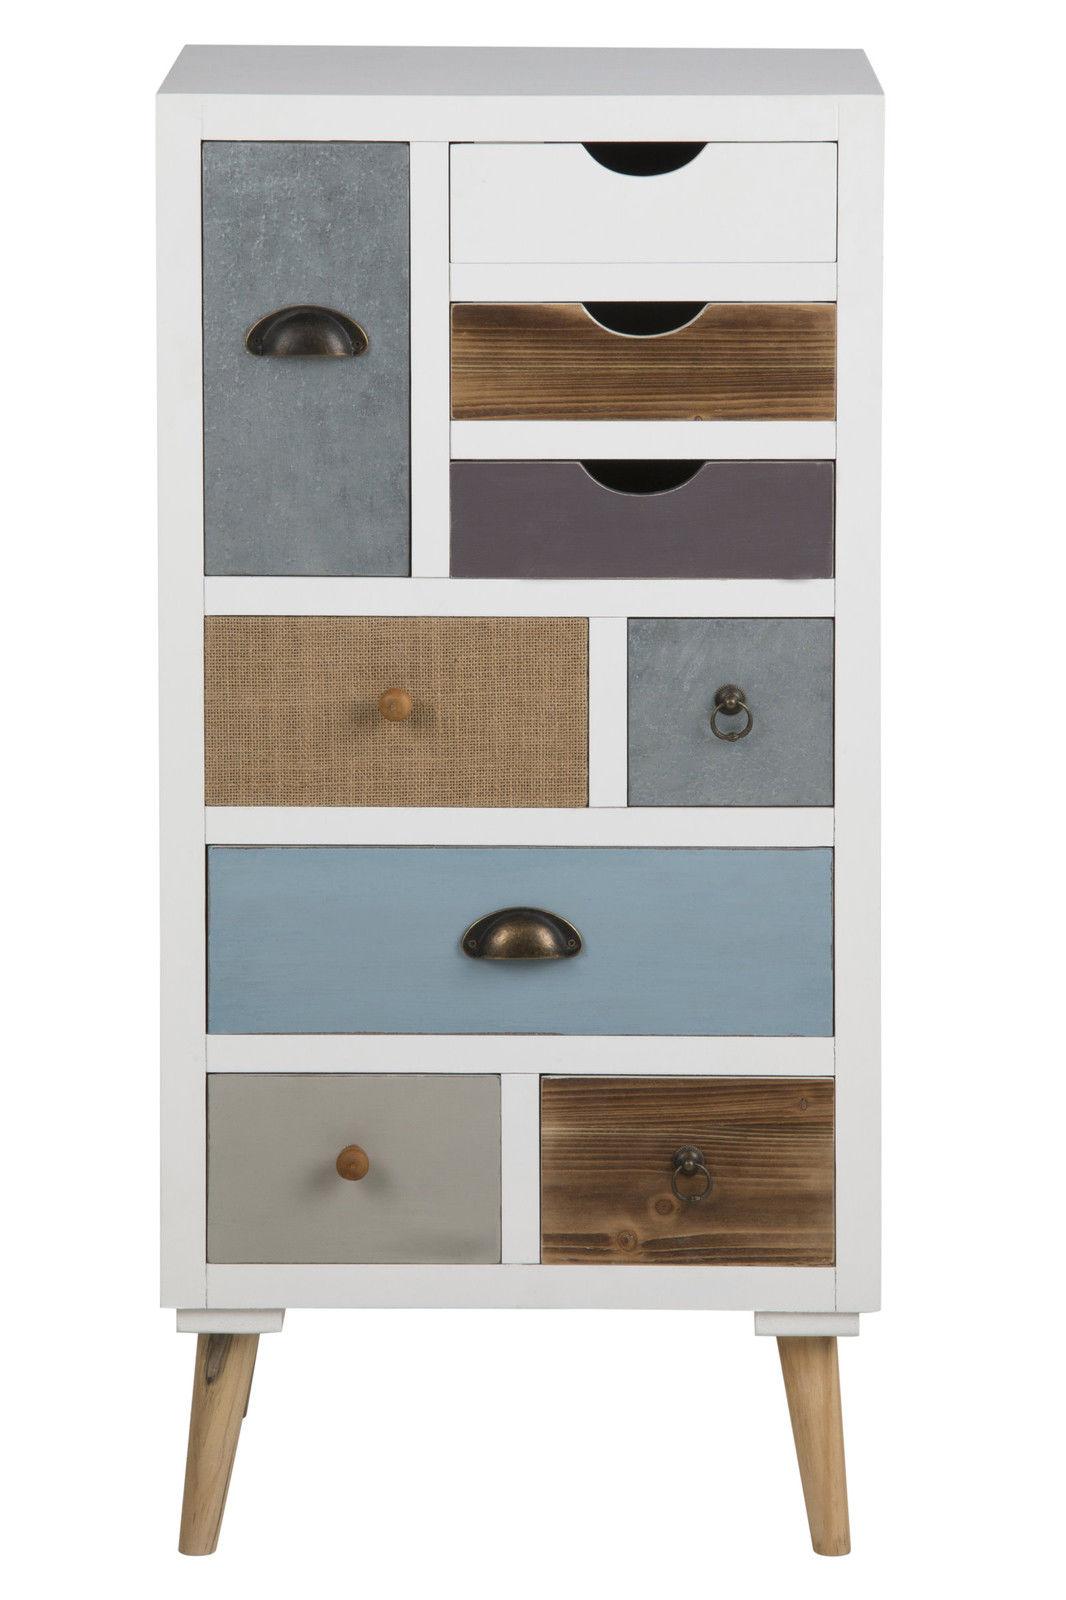 Pkline Kommode Holz Sideboard Highboard Anrichte Schubladen Schrank